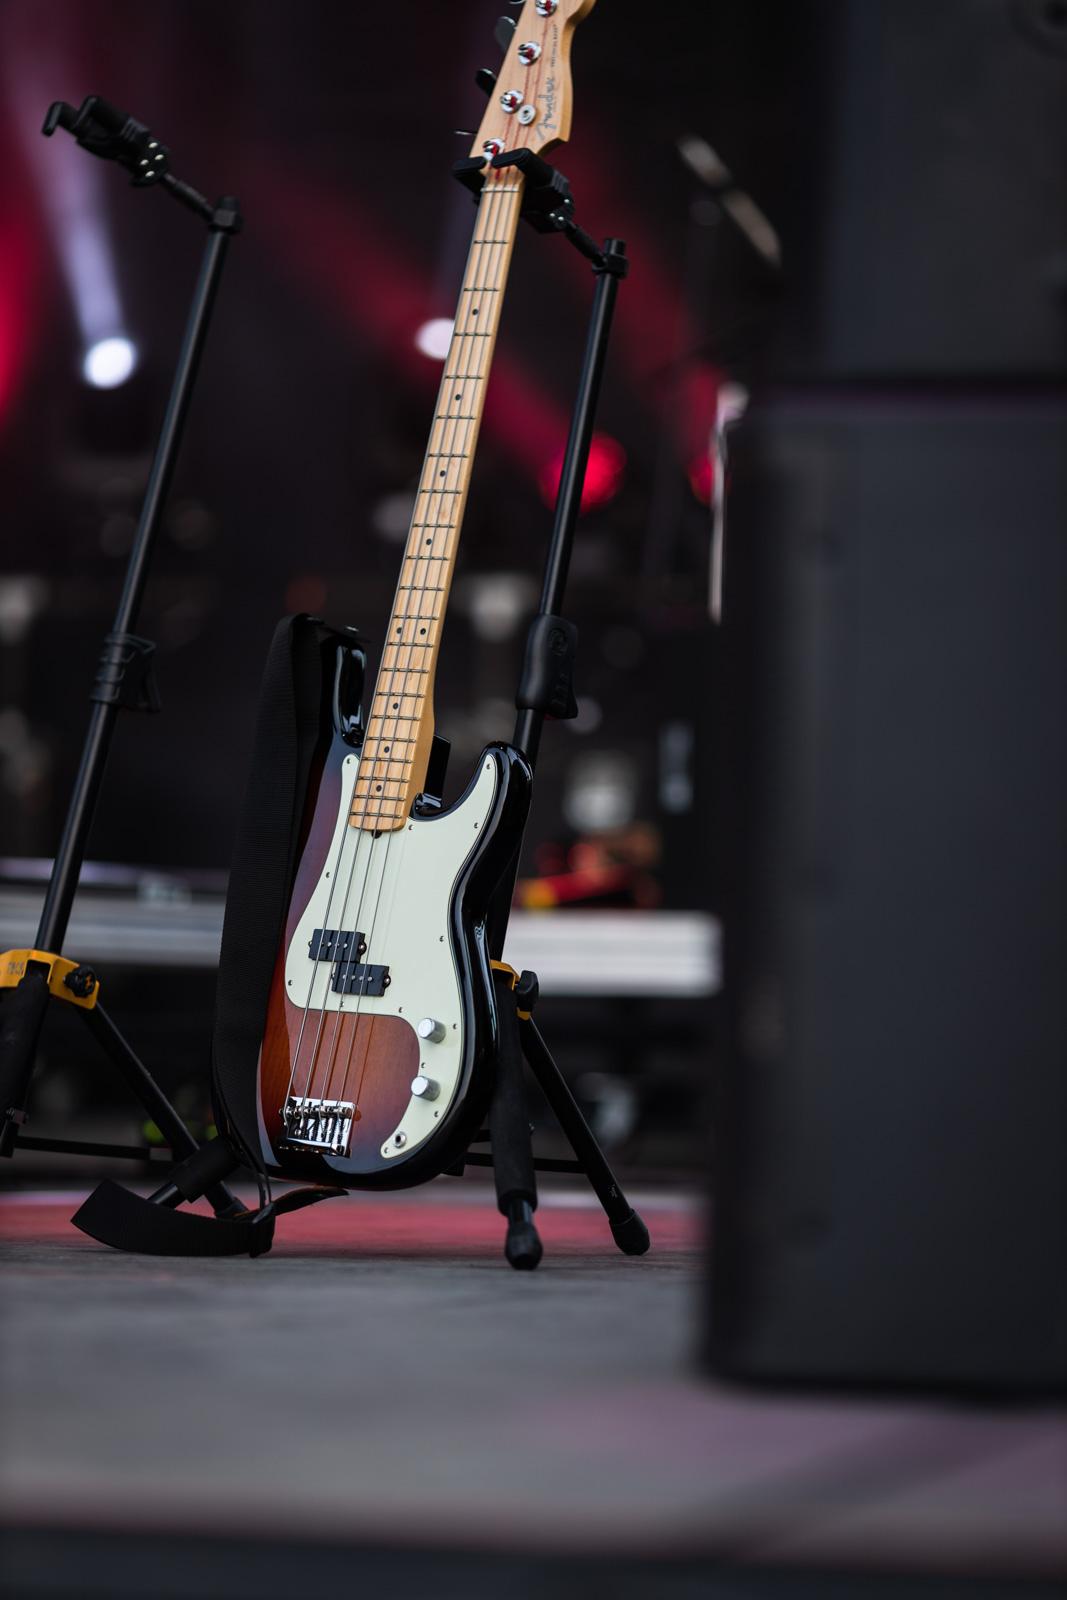 bluesfest-2019-blog-207.jpg